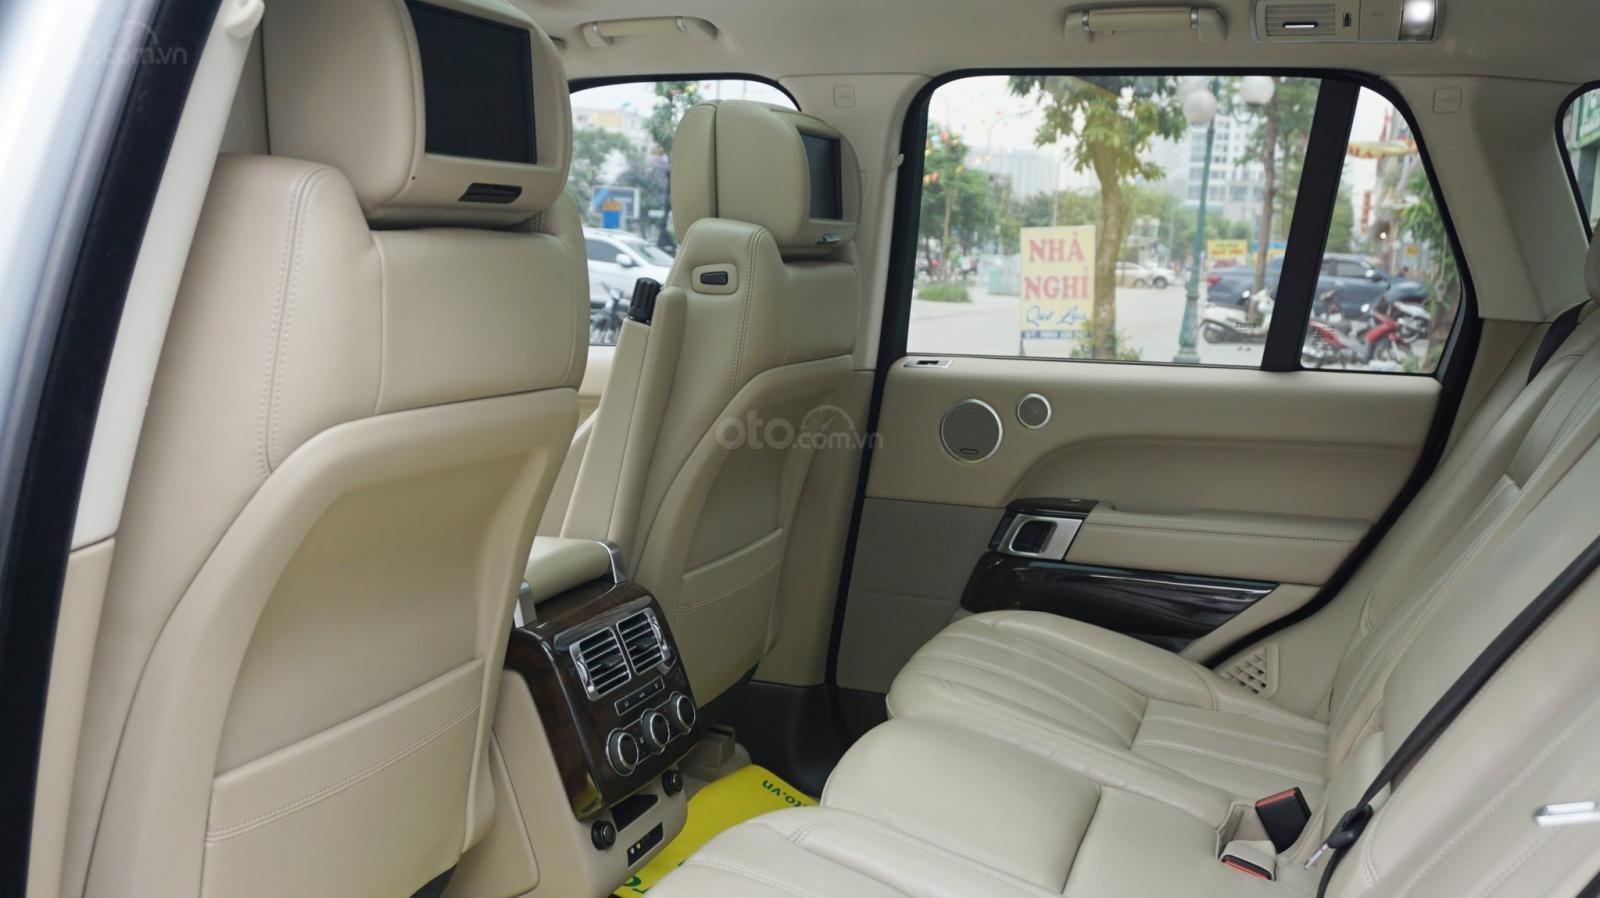 Bán LandRover Range Rover HSE đời 2015, màu bạc, nhập khẩu Mỹ. LH 0982.84.2838-23